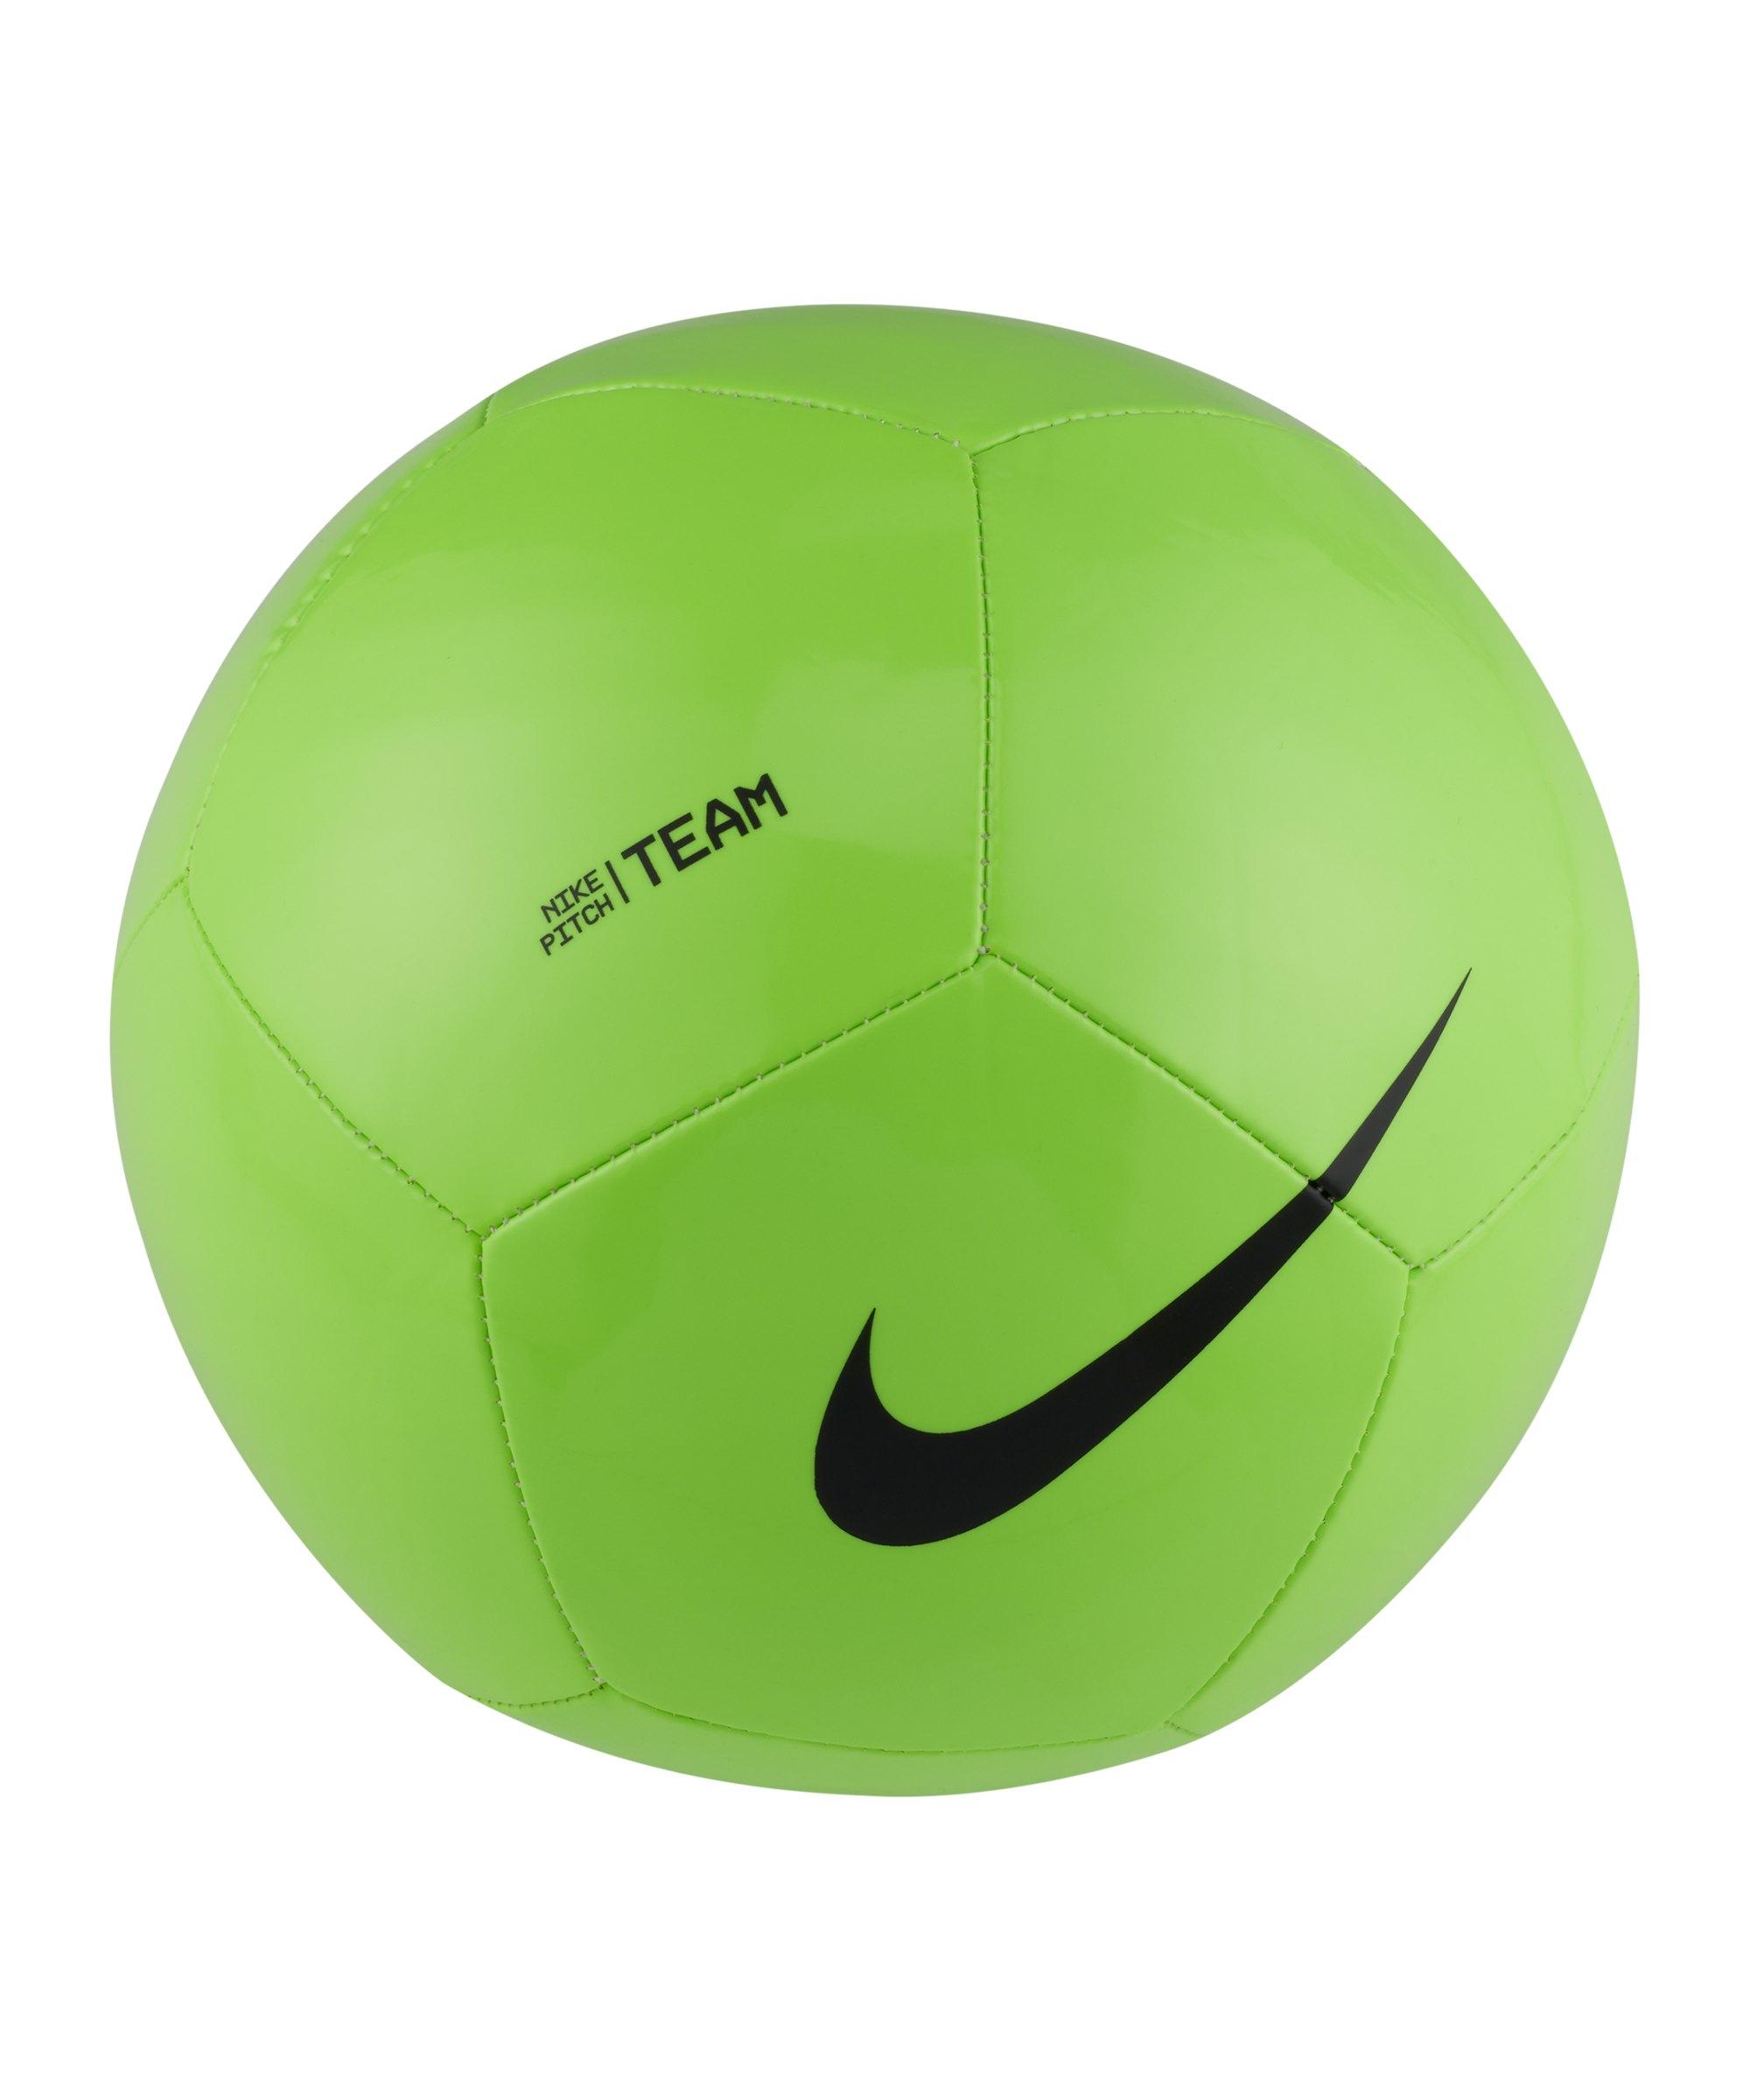 Nike Pitch Team Trainingsball Grün Schwarz F310 - gruen